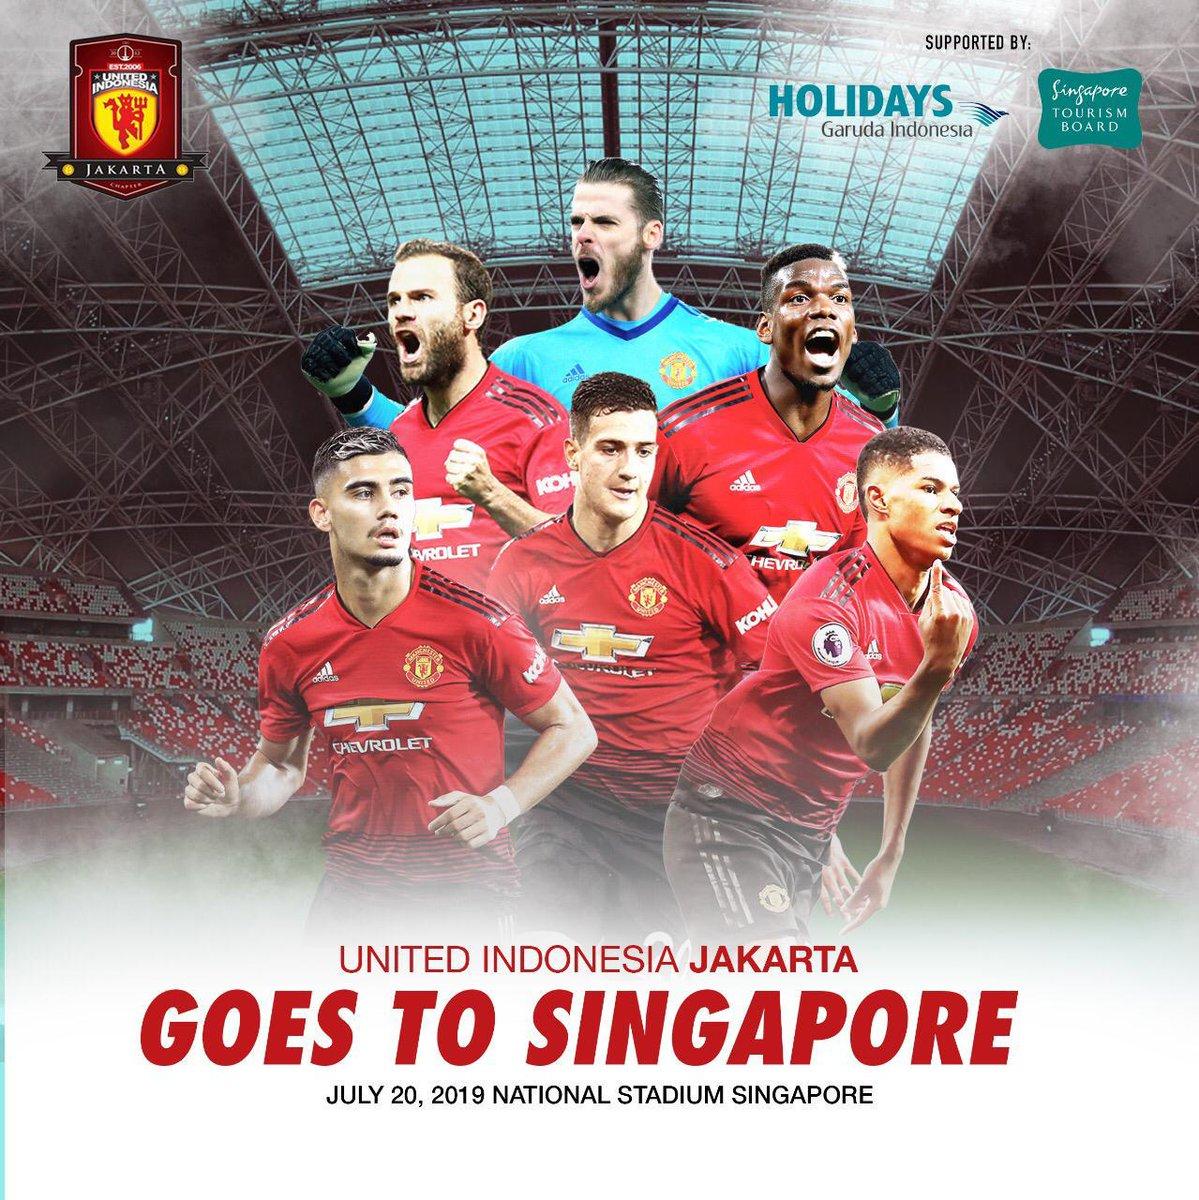 #UIJKT bekerja sama dengan @IndonesiaGaruda dan @VisitSingapore, Ingin menyaksikan Manchester United di Singapore? #UIJKT mengadakan tour nya dan mumpung tour nya kali ini ga jauh dr Jakarta, Yuks yg mau tanya2 bisa hub: WA Olla ( 081908865818 ) dan WA Kiky ( 087755291222 )